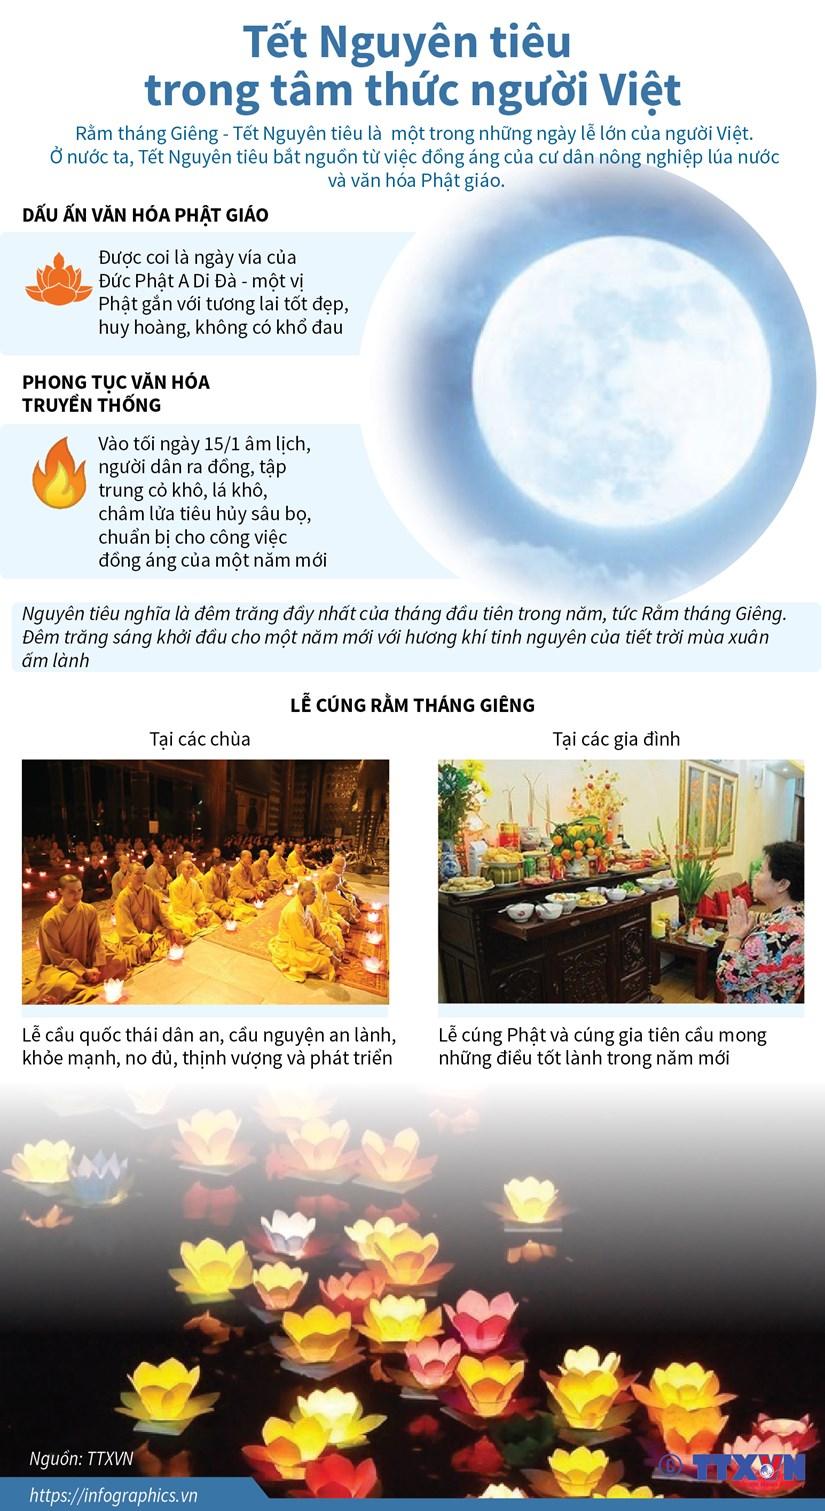 [Infographics] Tet Nguyen tieu trong tam thuc nguoi Viet hinh anh 1